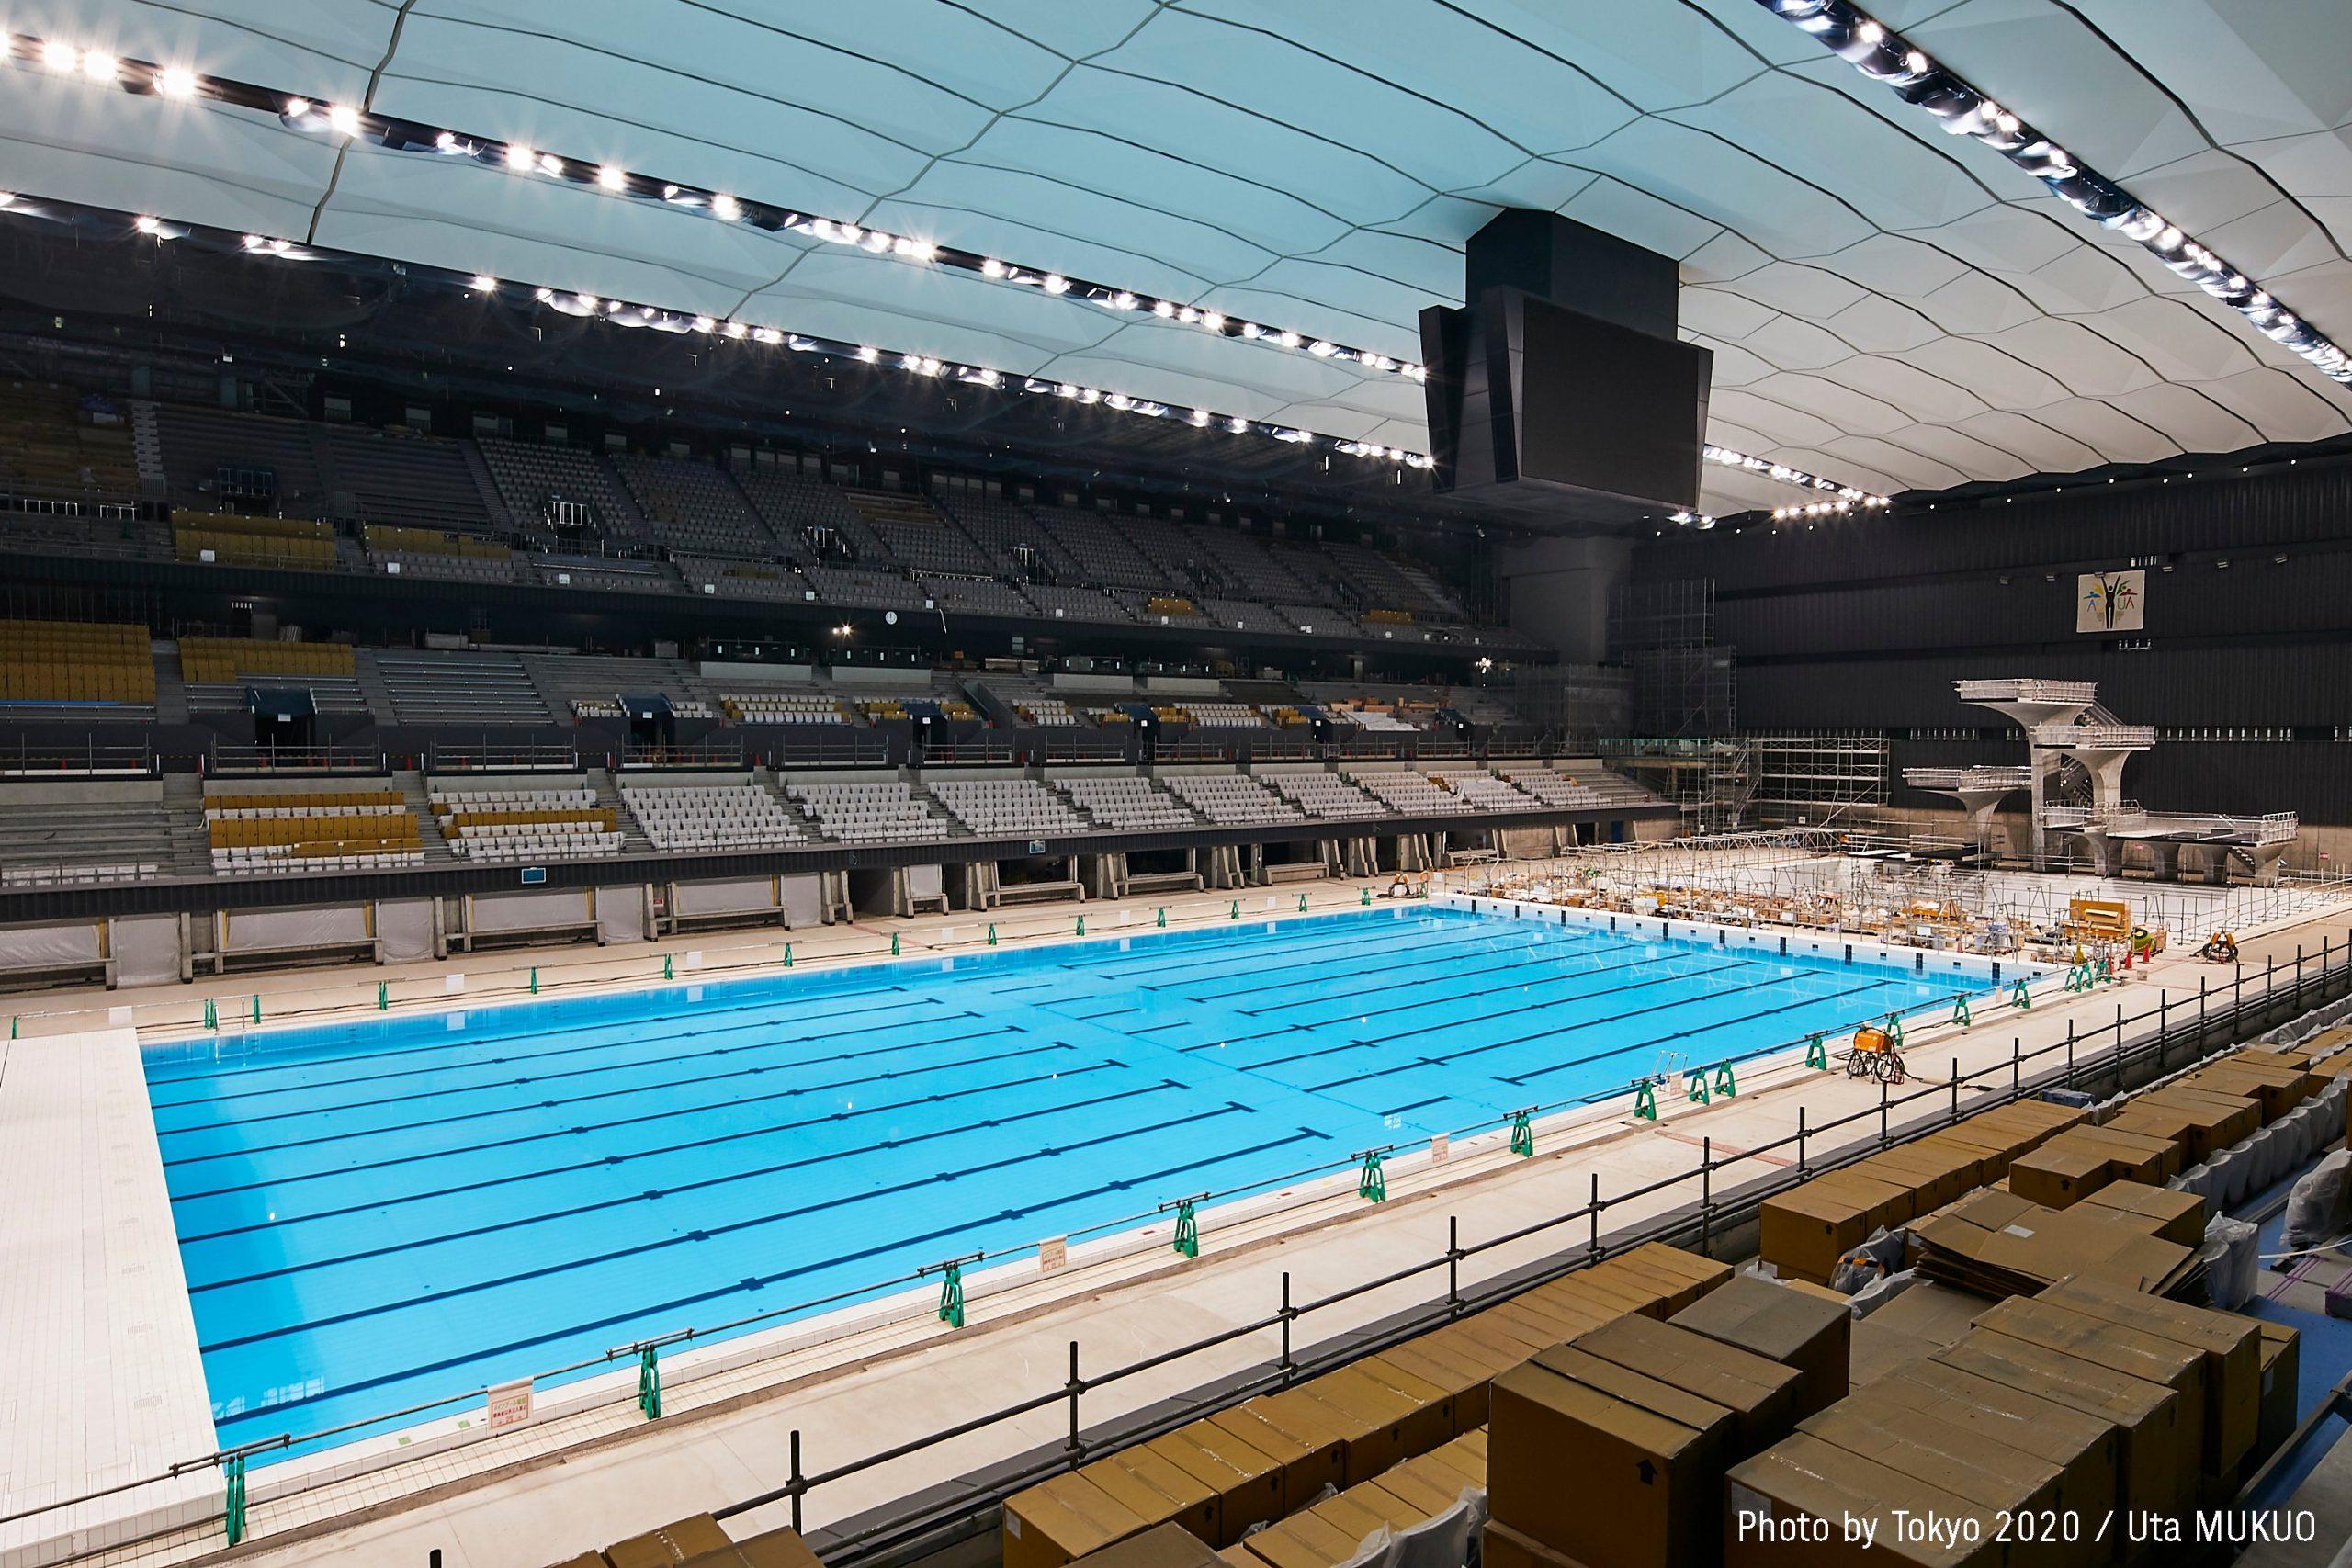 GIOCHI OLIMPICI DI TOKYO, PROGRAMMA GARE DI NUOTO 2021